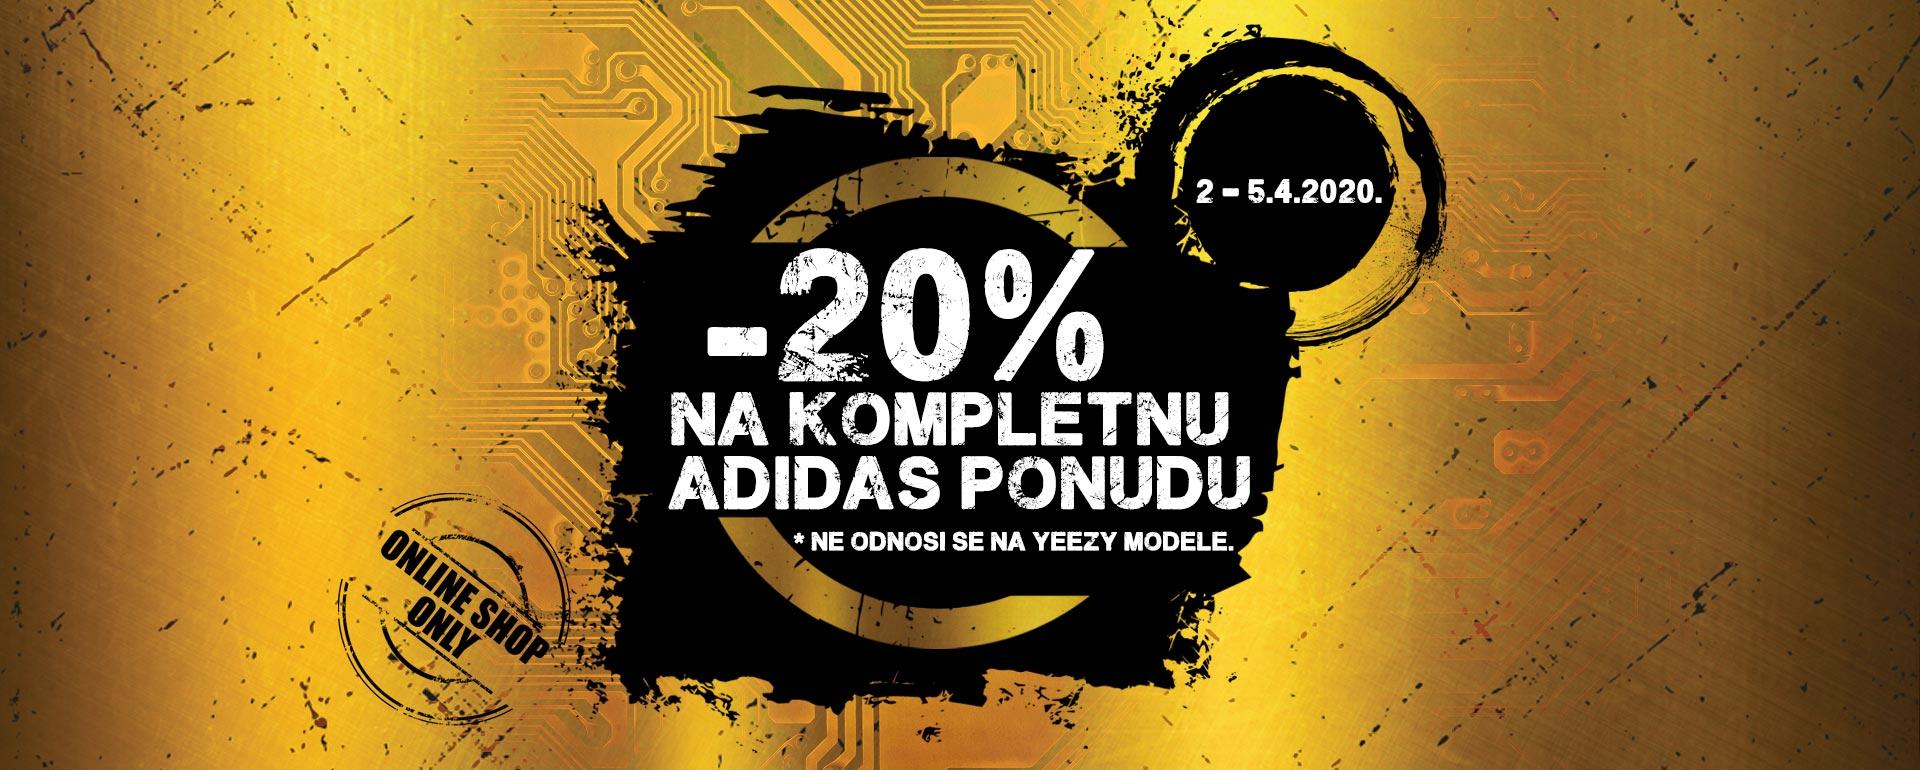 Akcija adidas